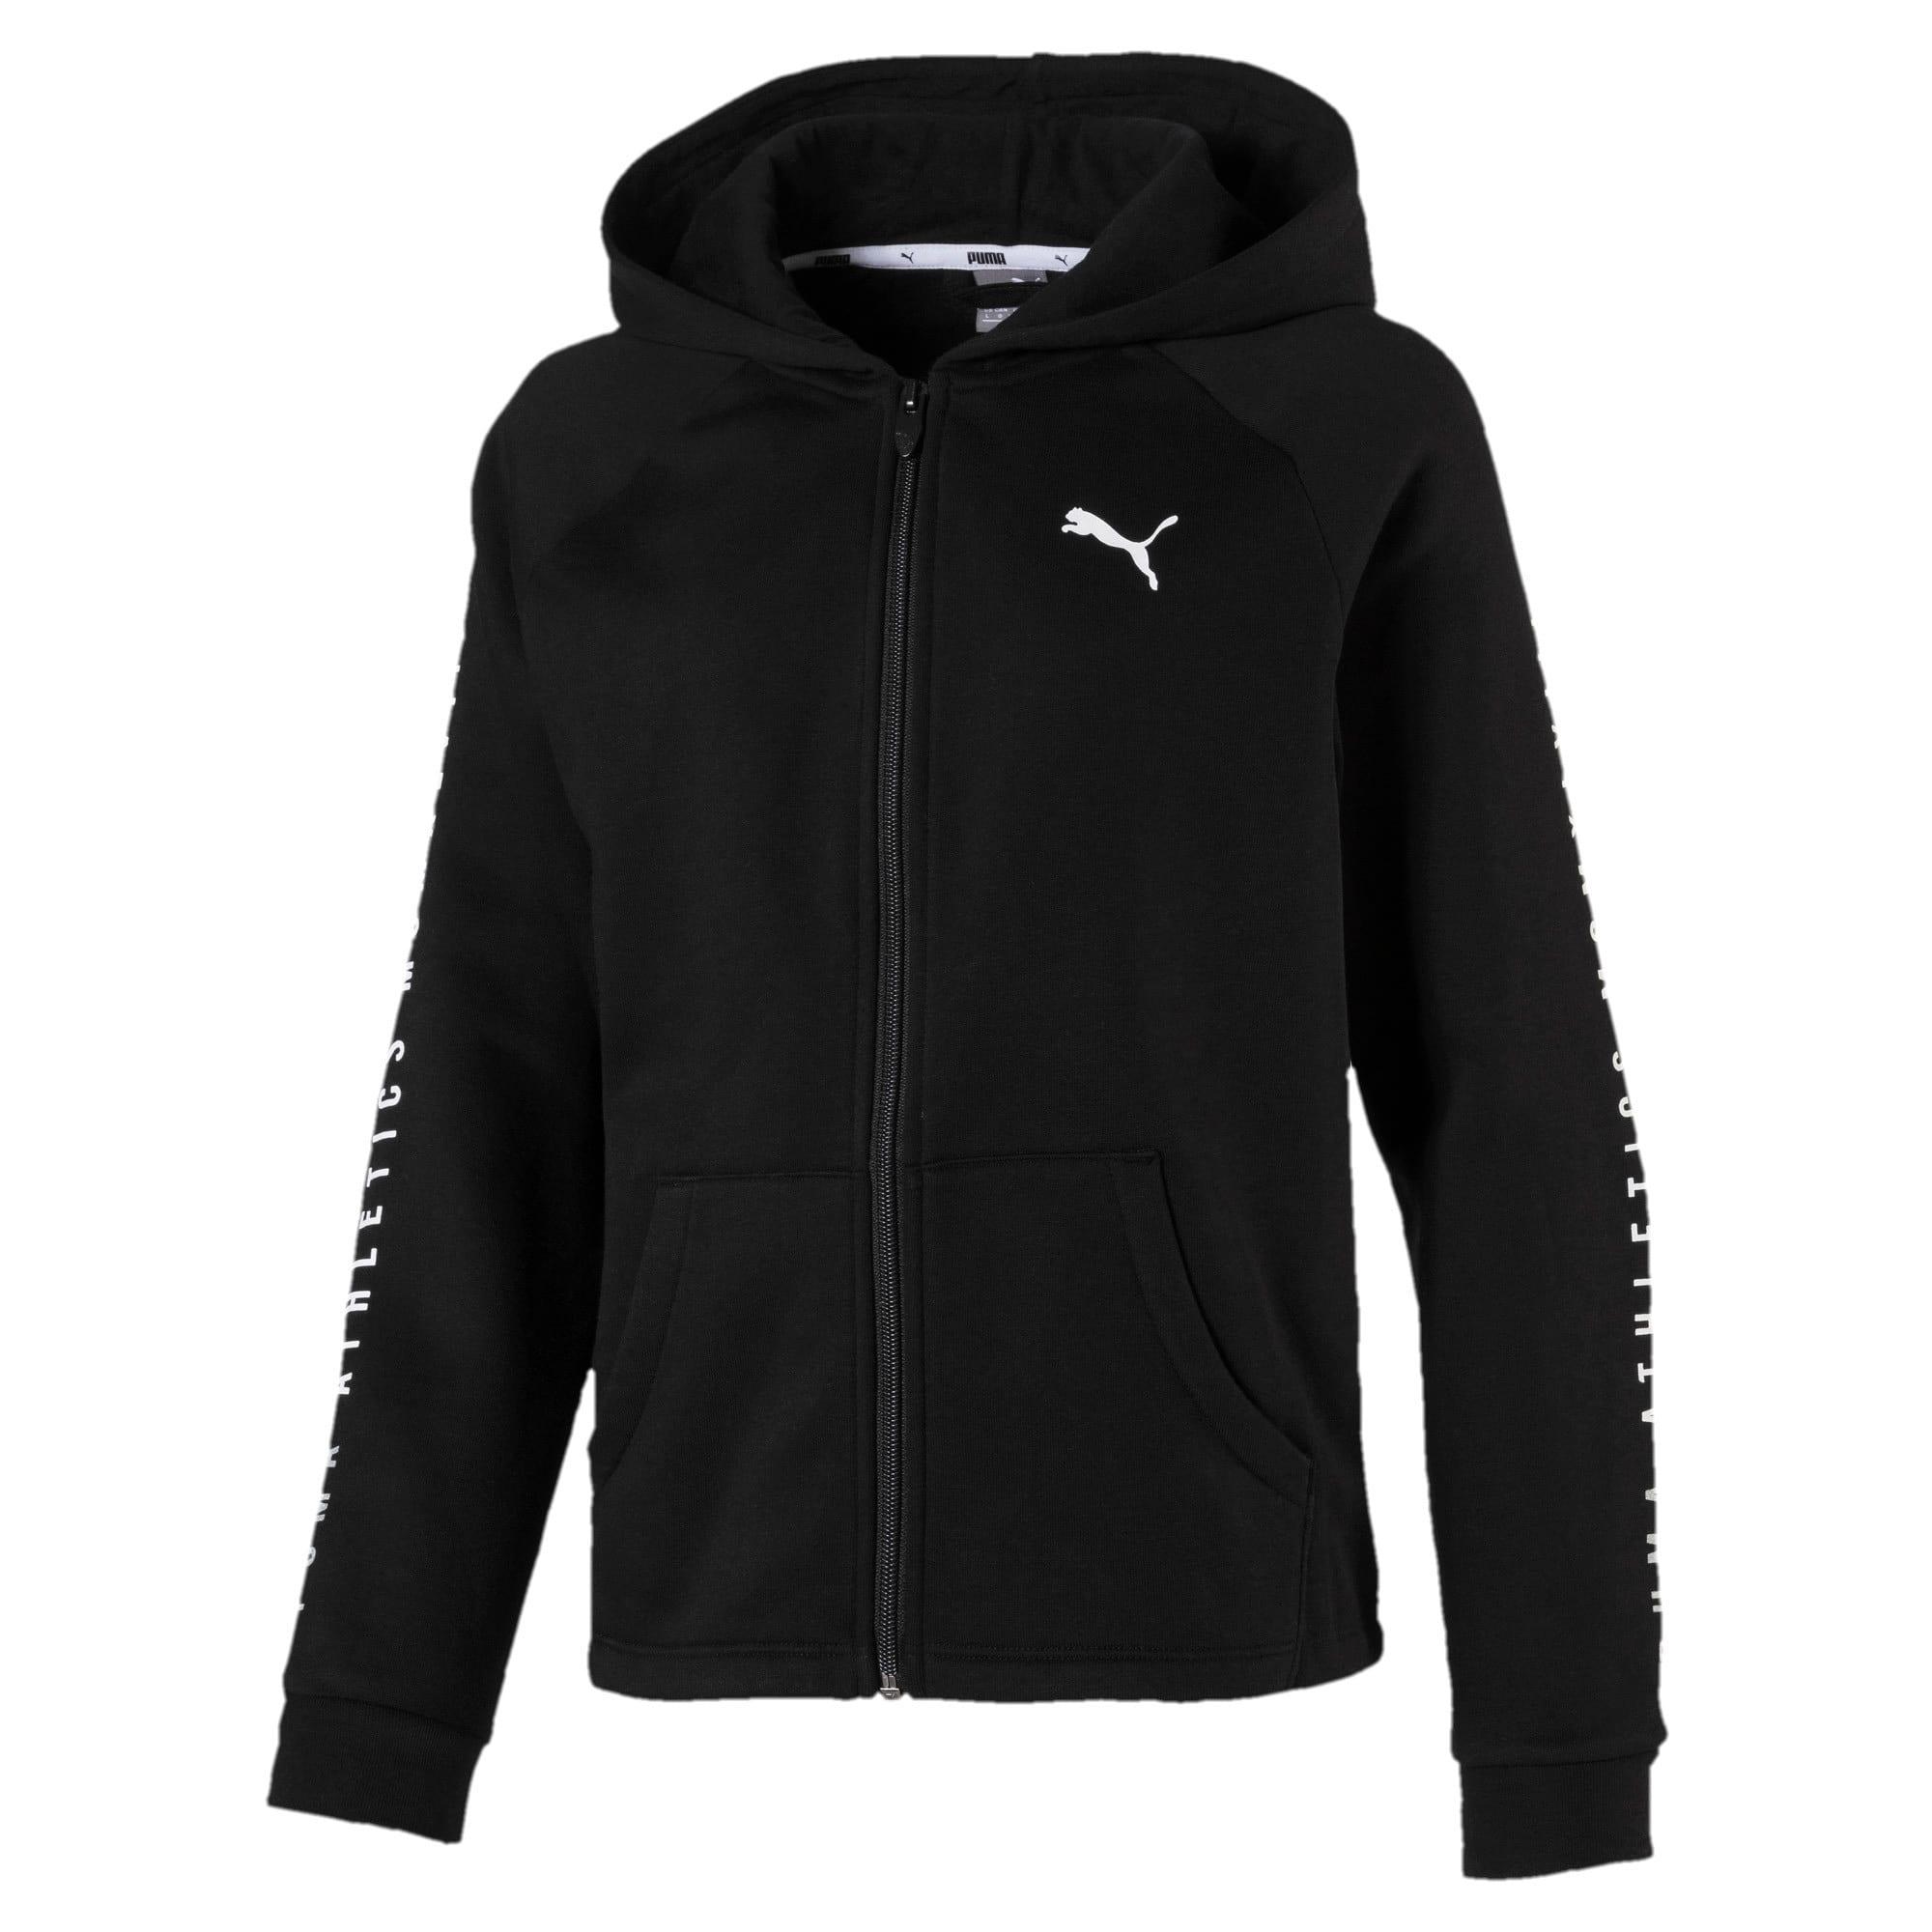 Girls' Alpha Training Jacket, Zwart, Maat 116   PUMA